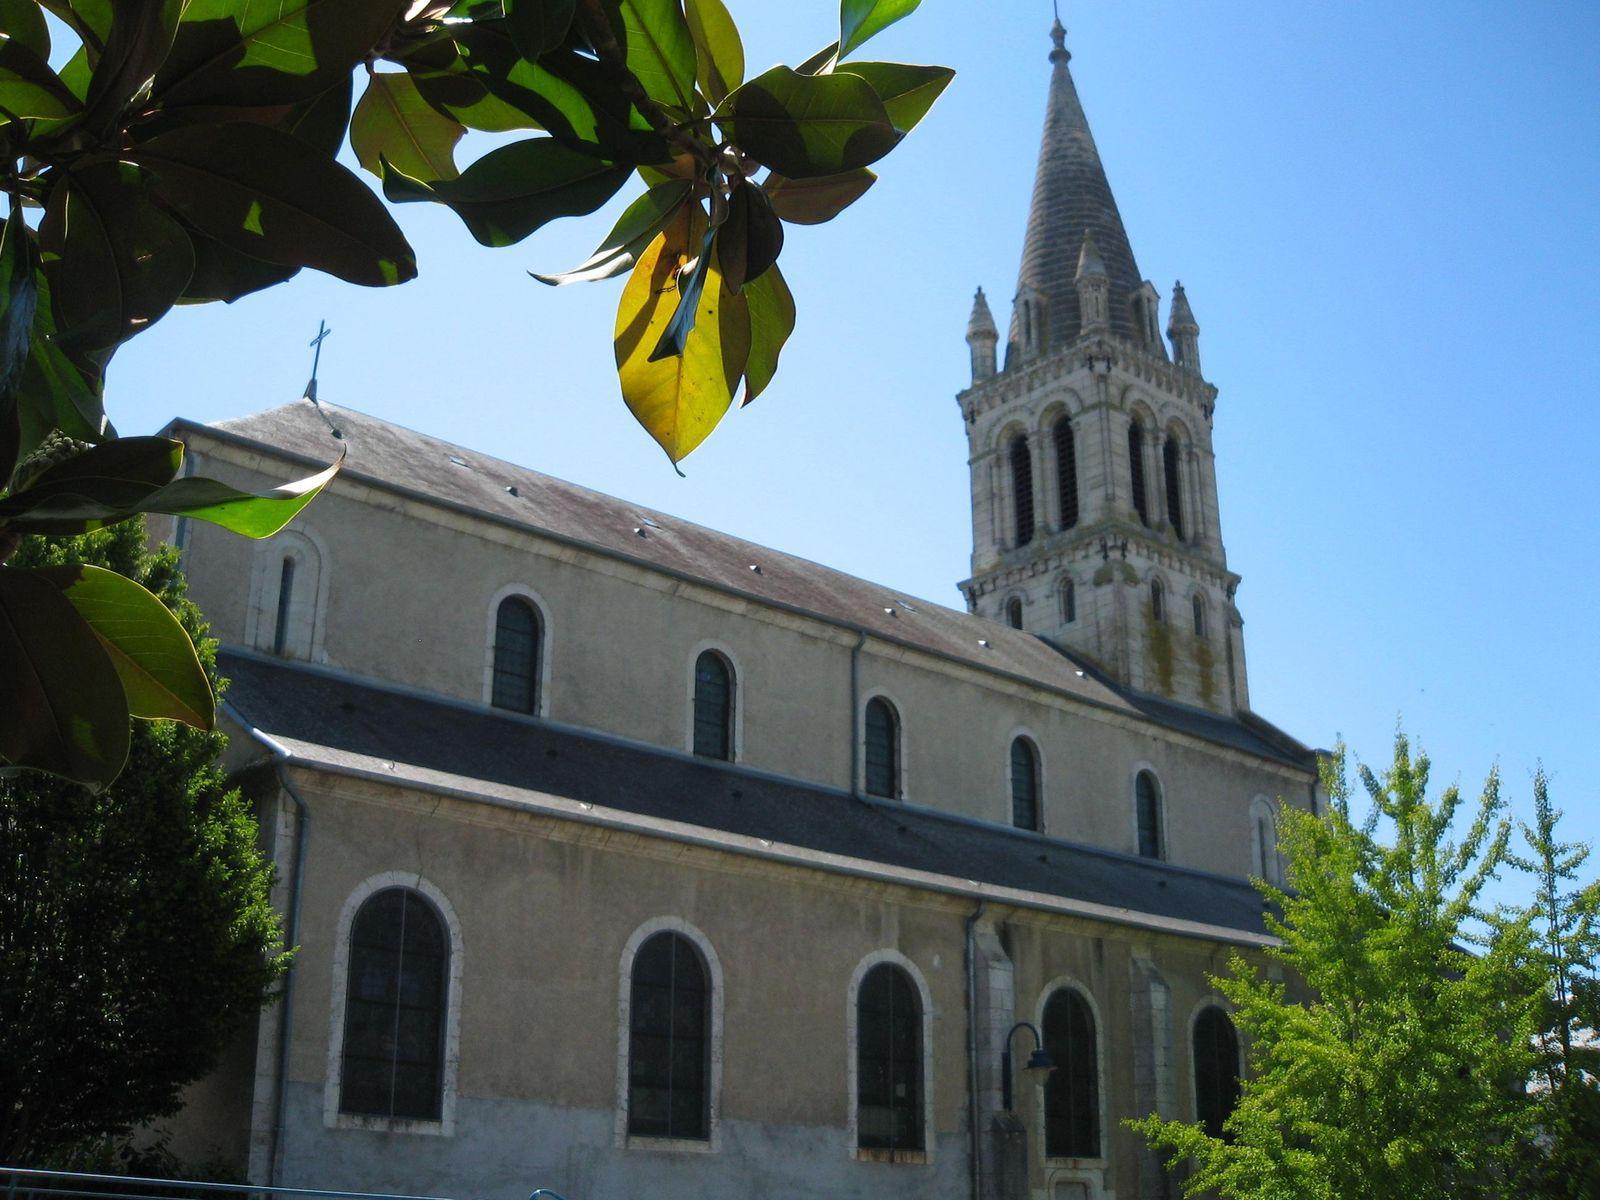 Saint-Florent-sur-Cher